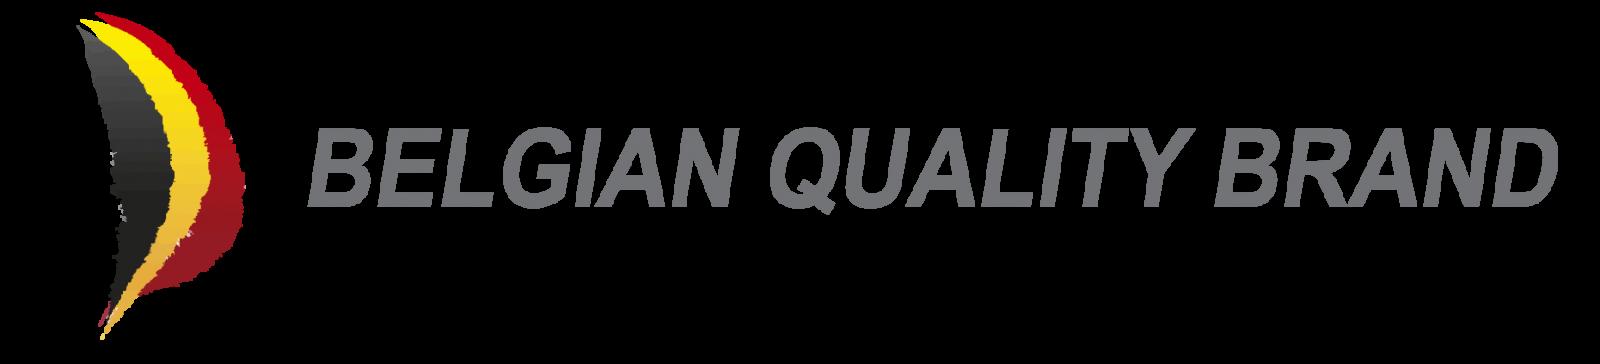 belgianqualitybrand_logo2